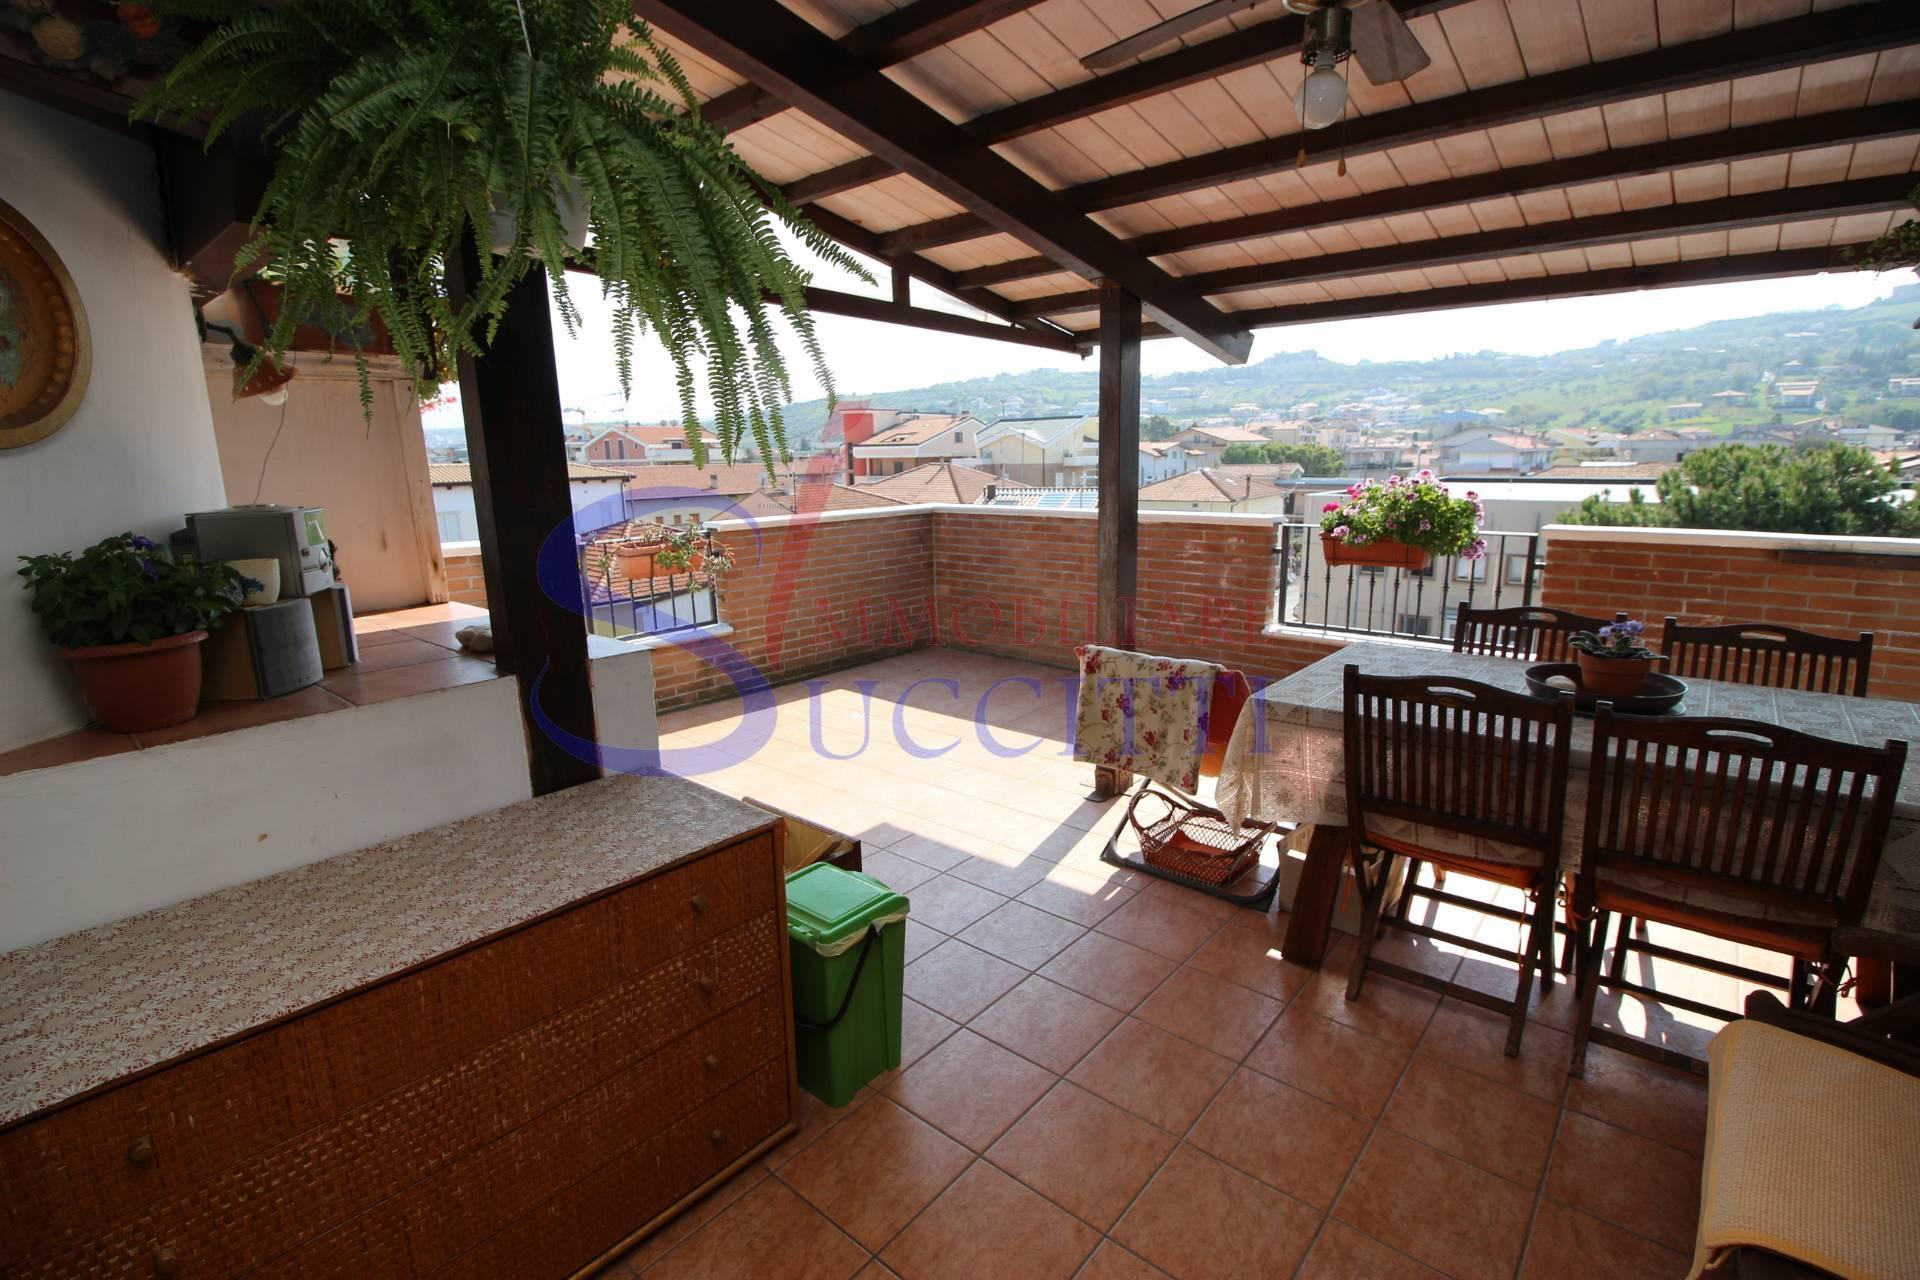 Attico / Mansarda in vendita a Tortoreto, 3 locali, zona Località: TortoretoLido, prezzo € 199.000 | CambioCasa.it